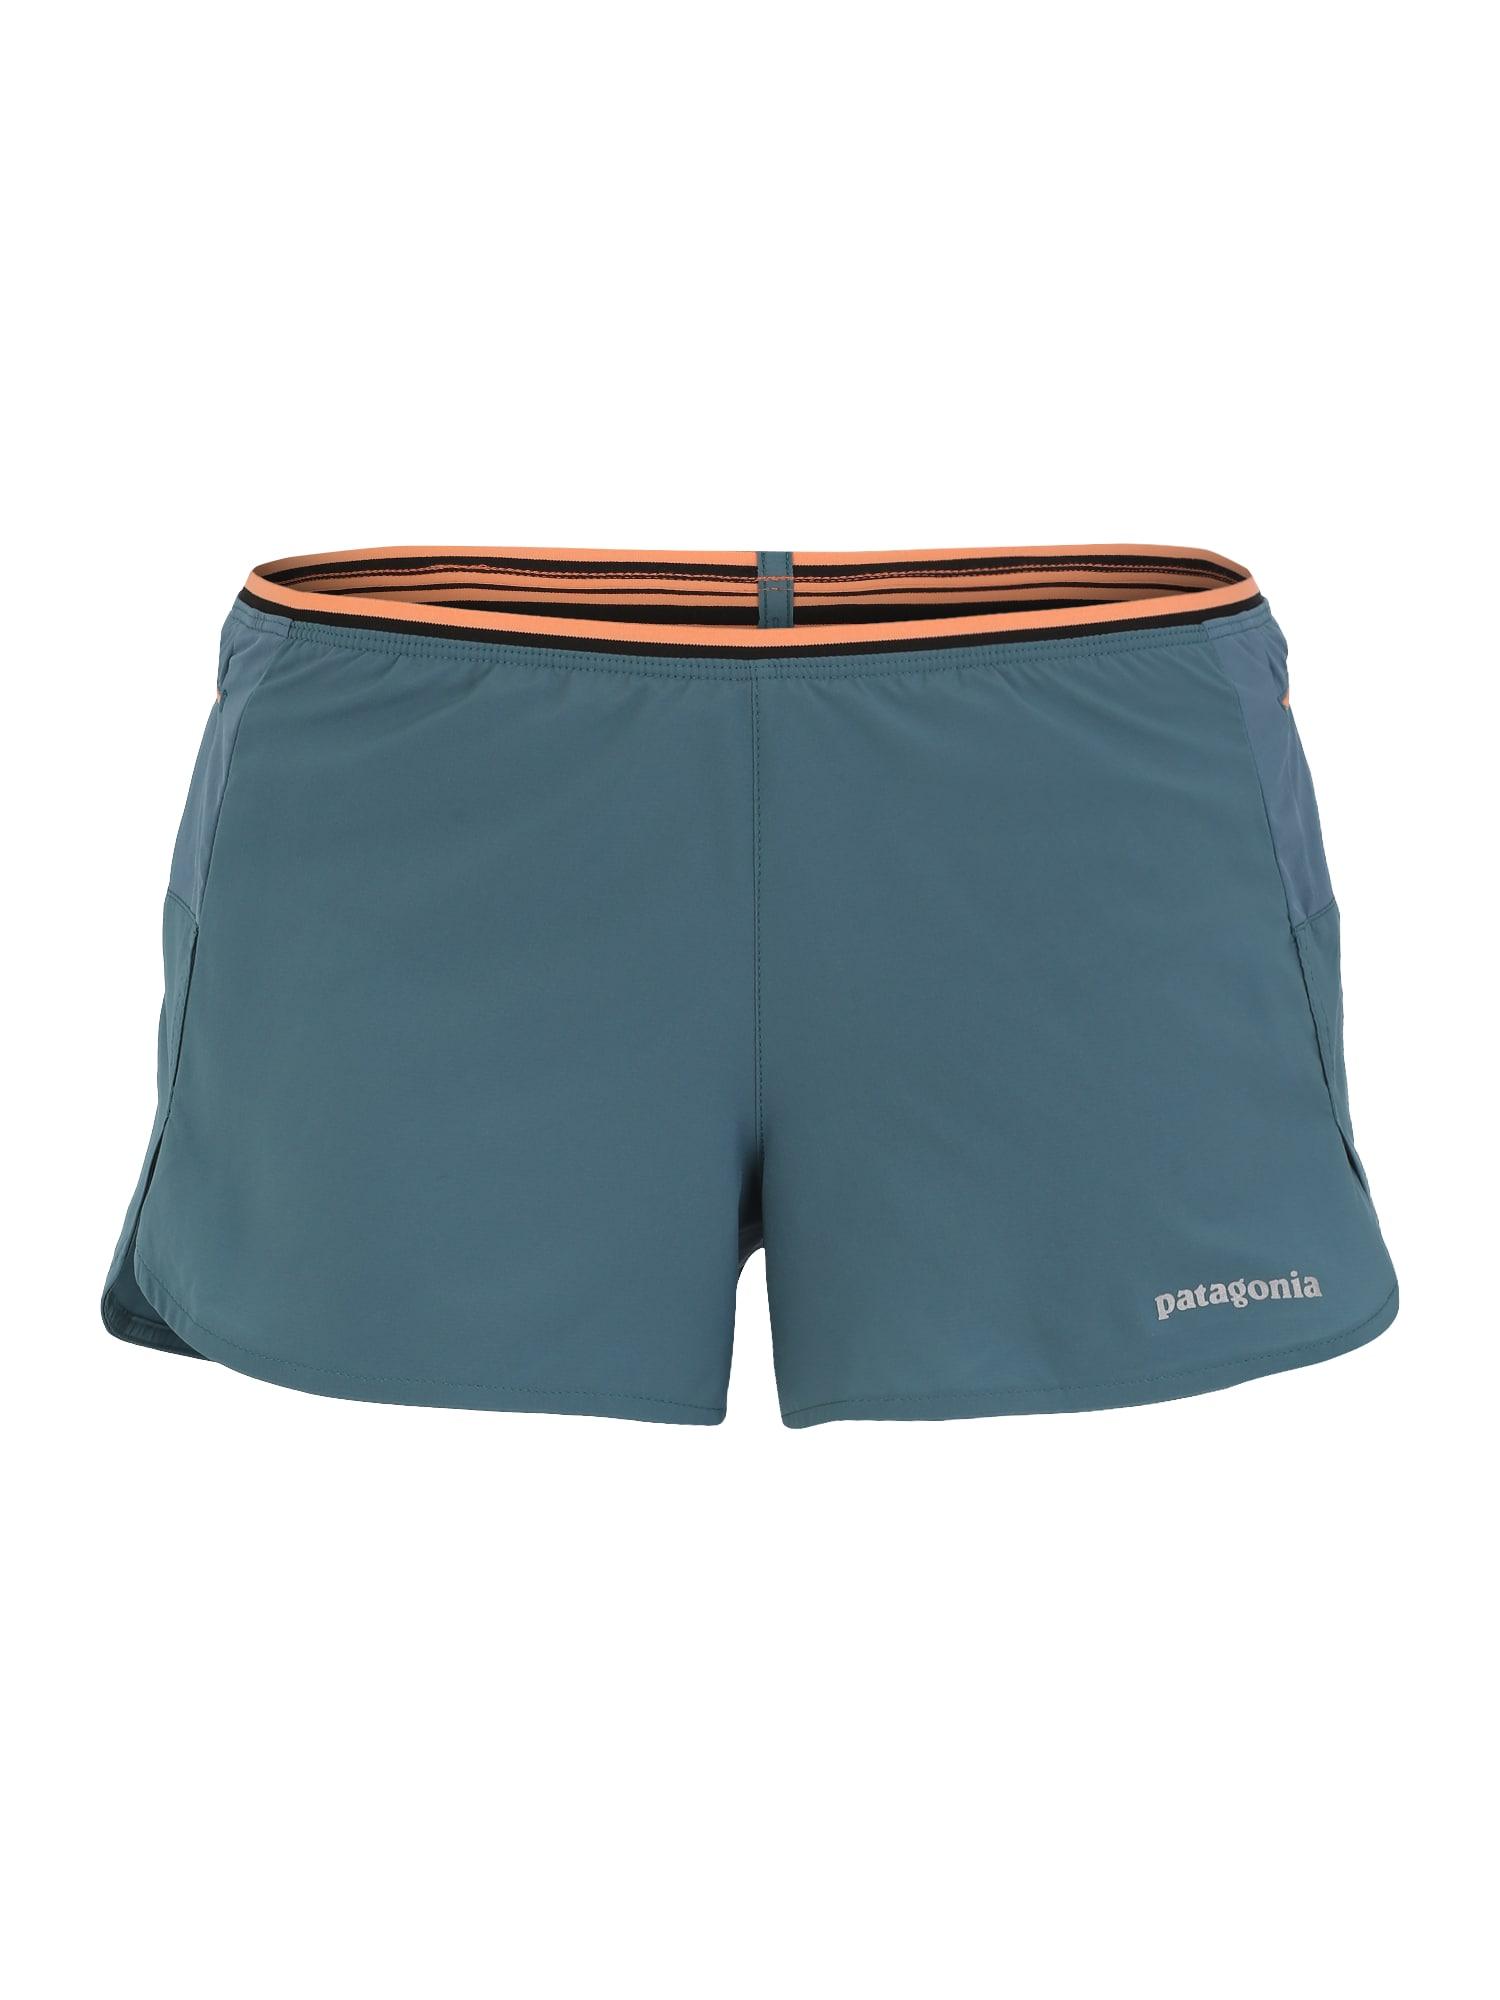 Sportovní kalhoty Ws Strider Pro Shorts - 3 in. nefritová broskvová PATAGONIA